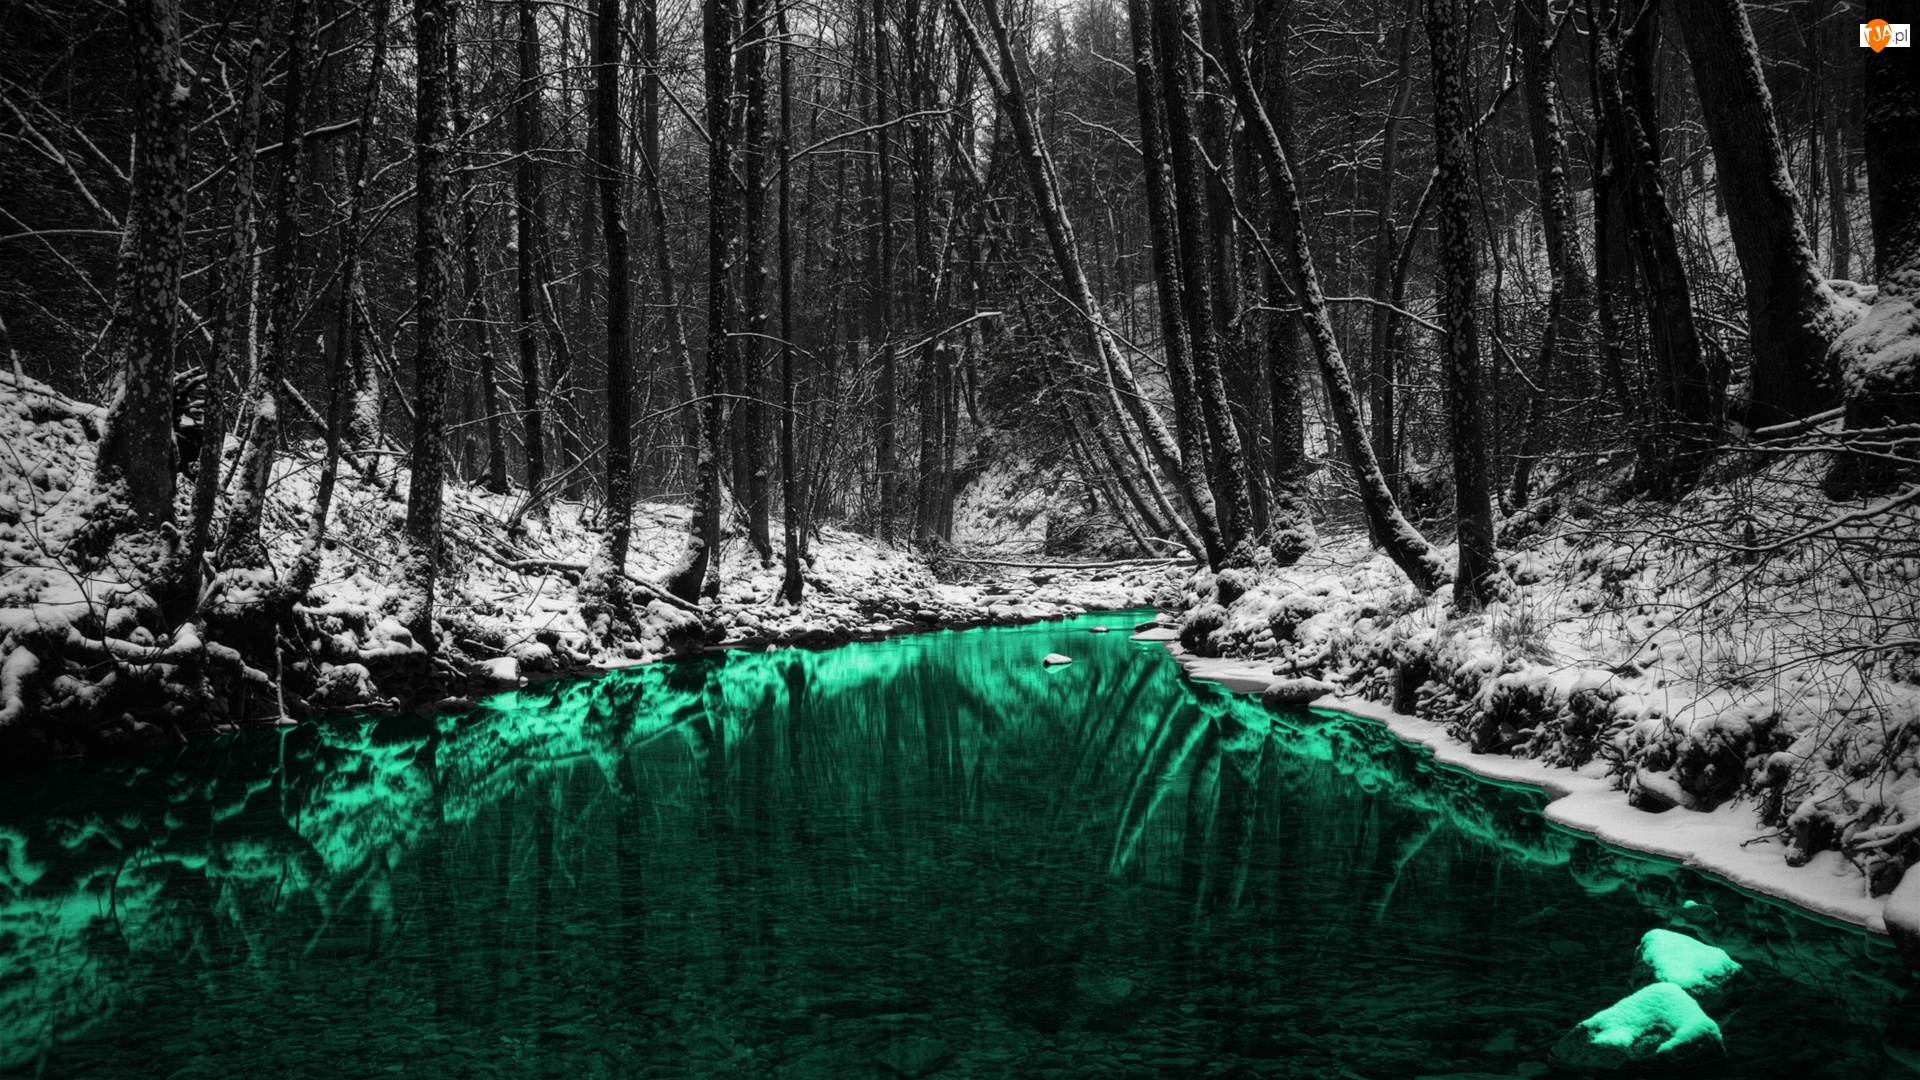 Rzeka, Las, Zielona